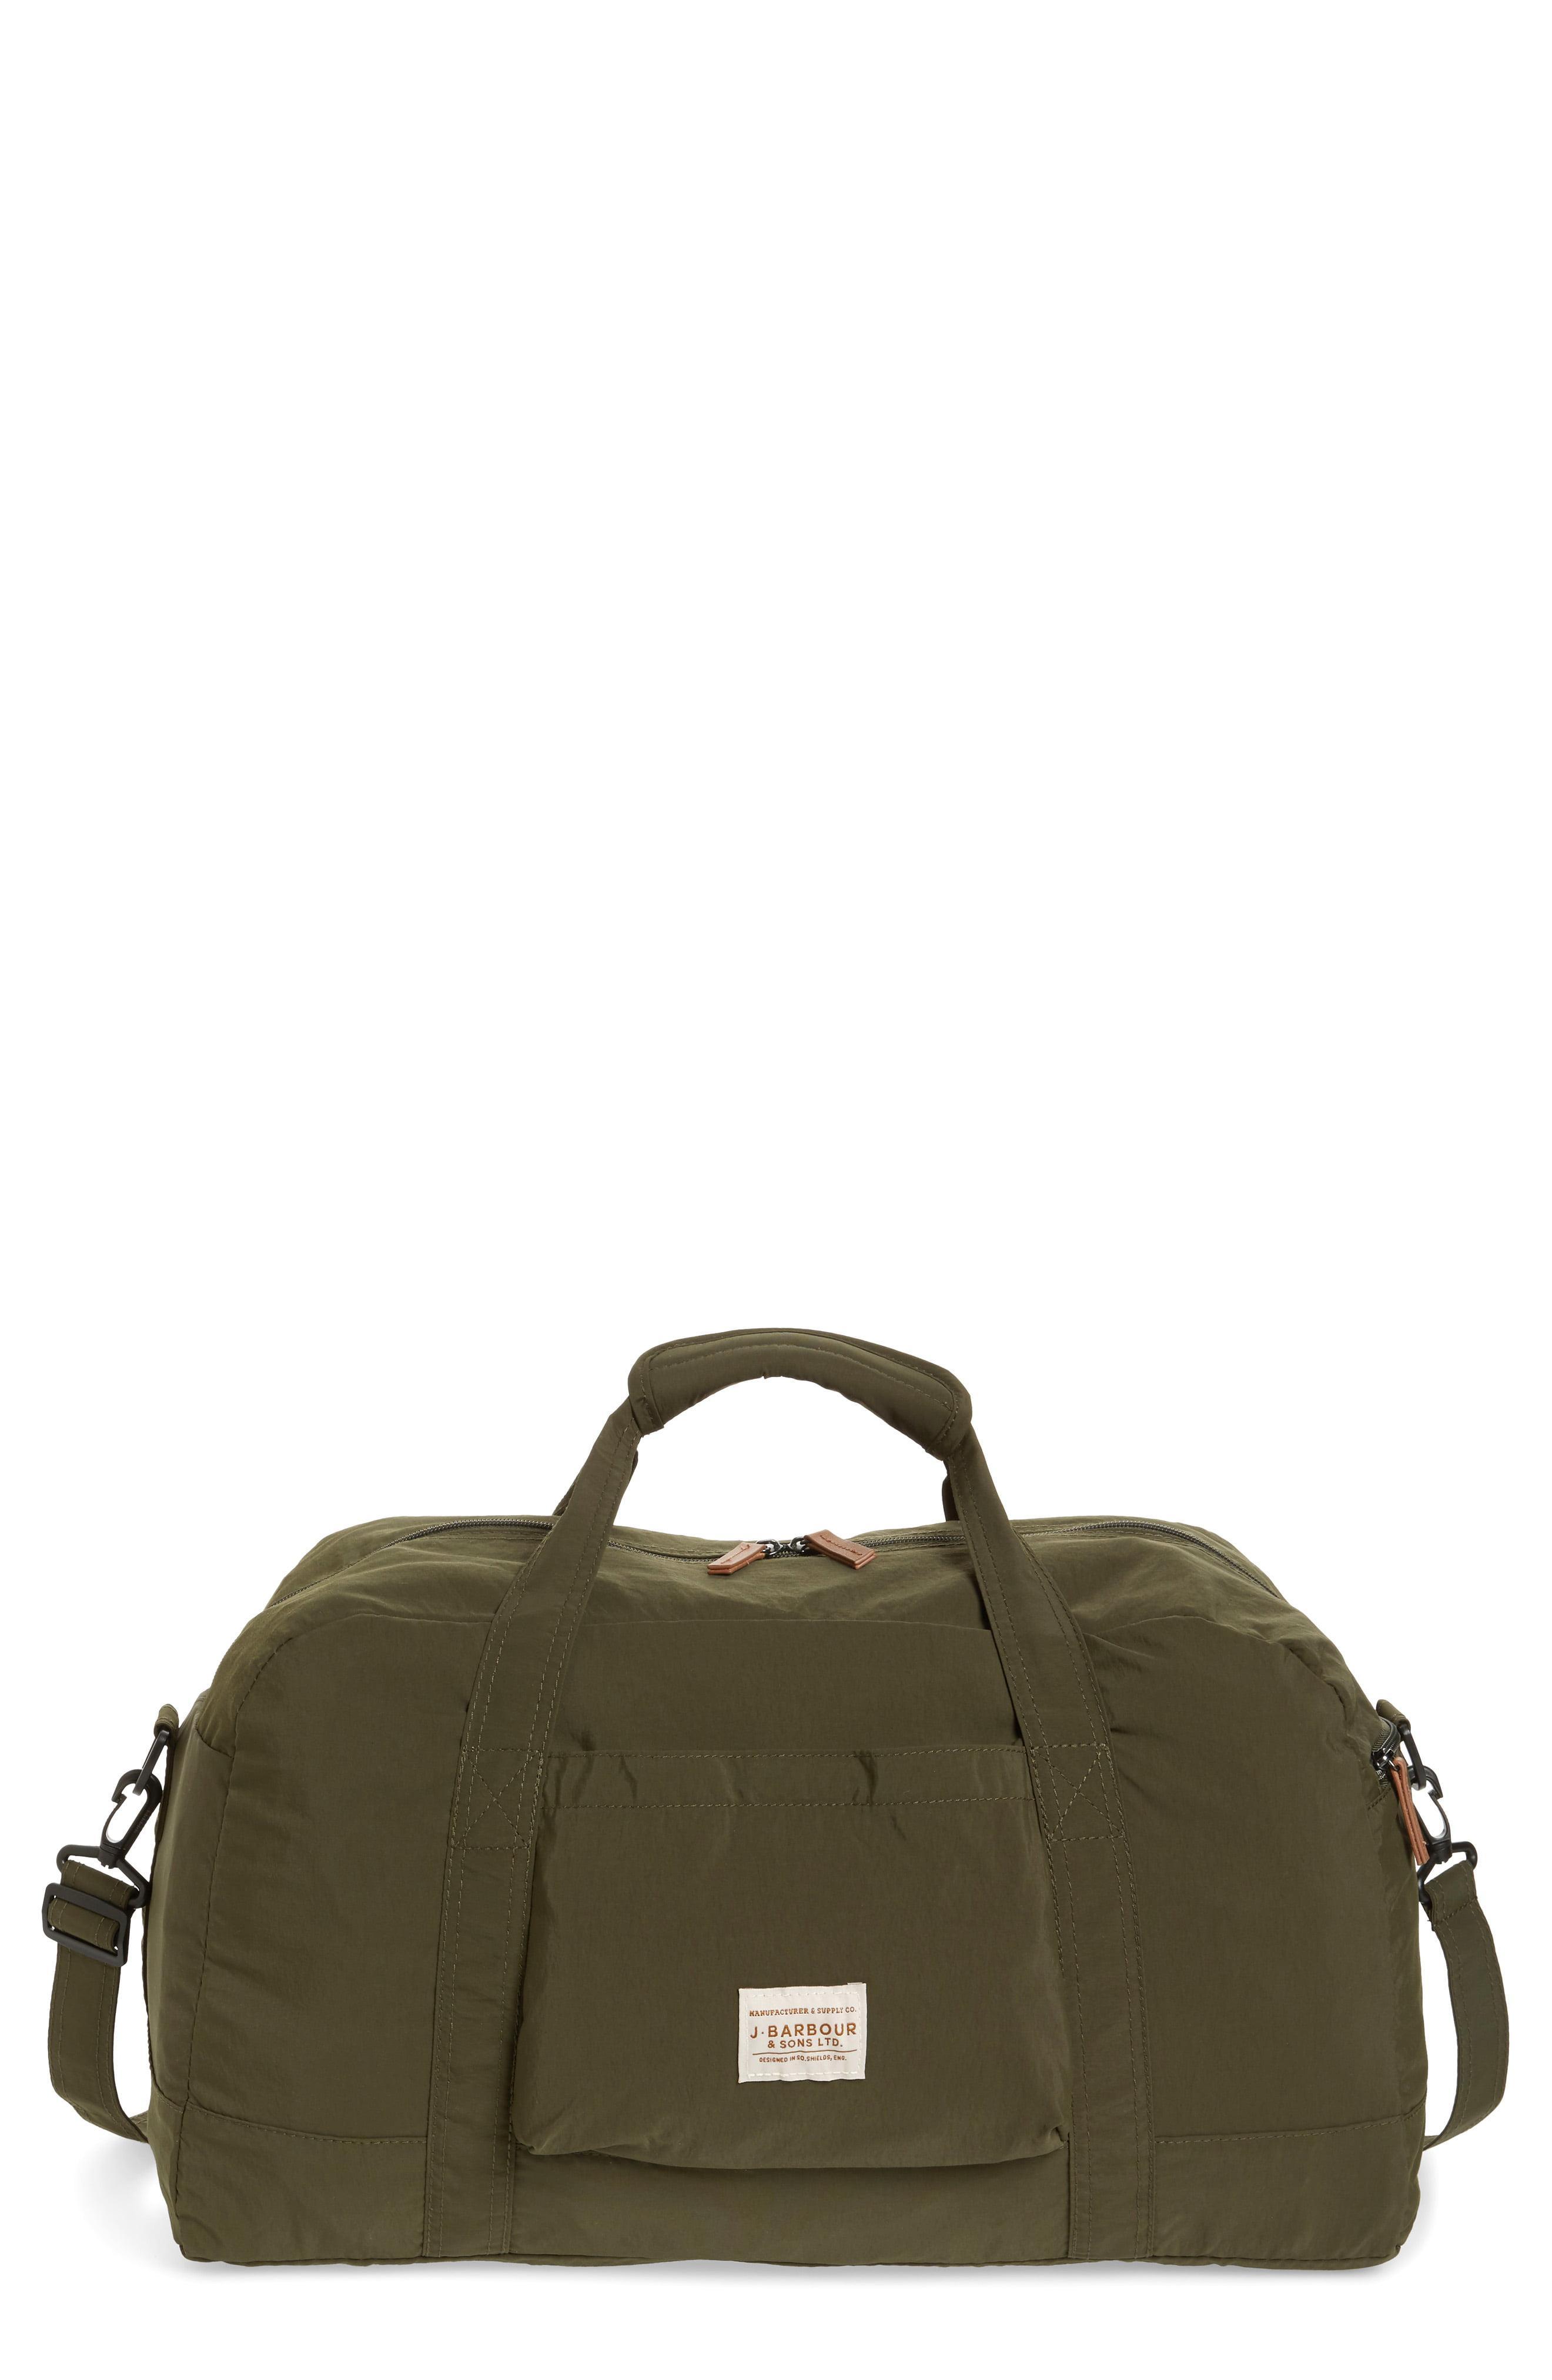 5959ab9d9e2ece Barbour. Women's Banchory Packable Duffle Bag -